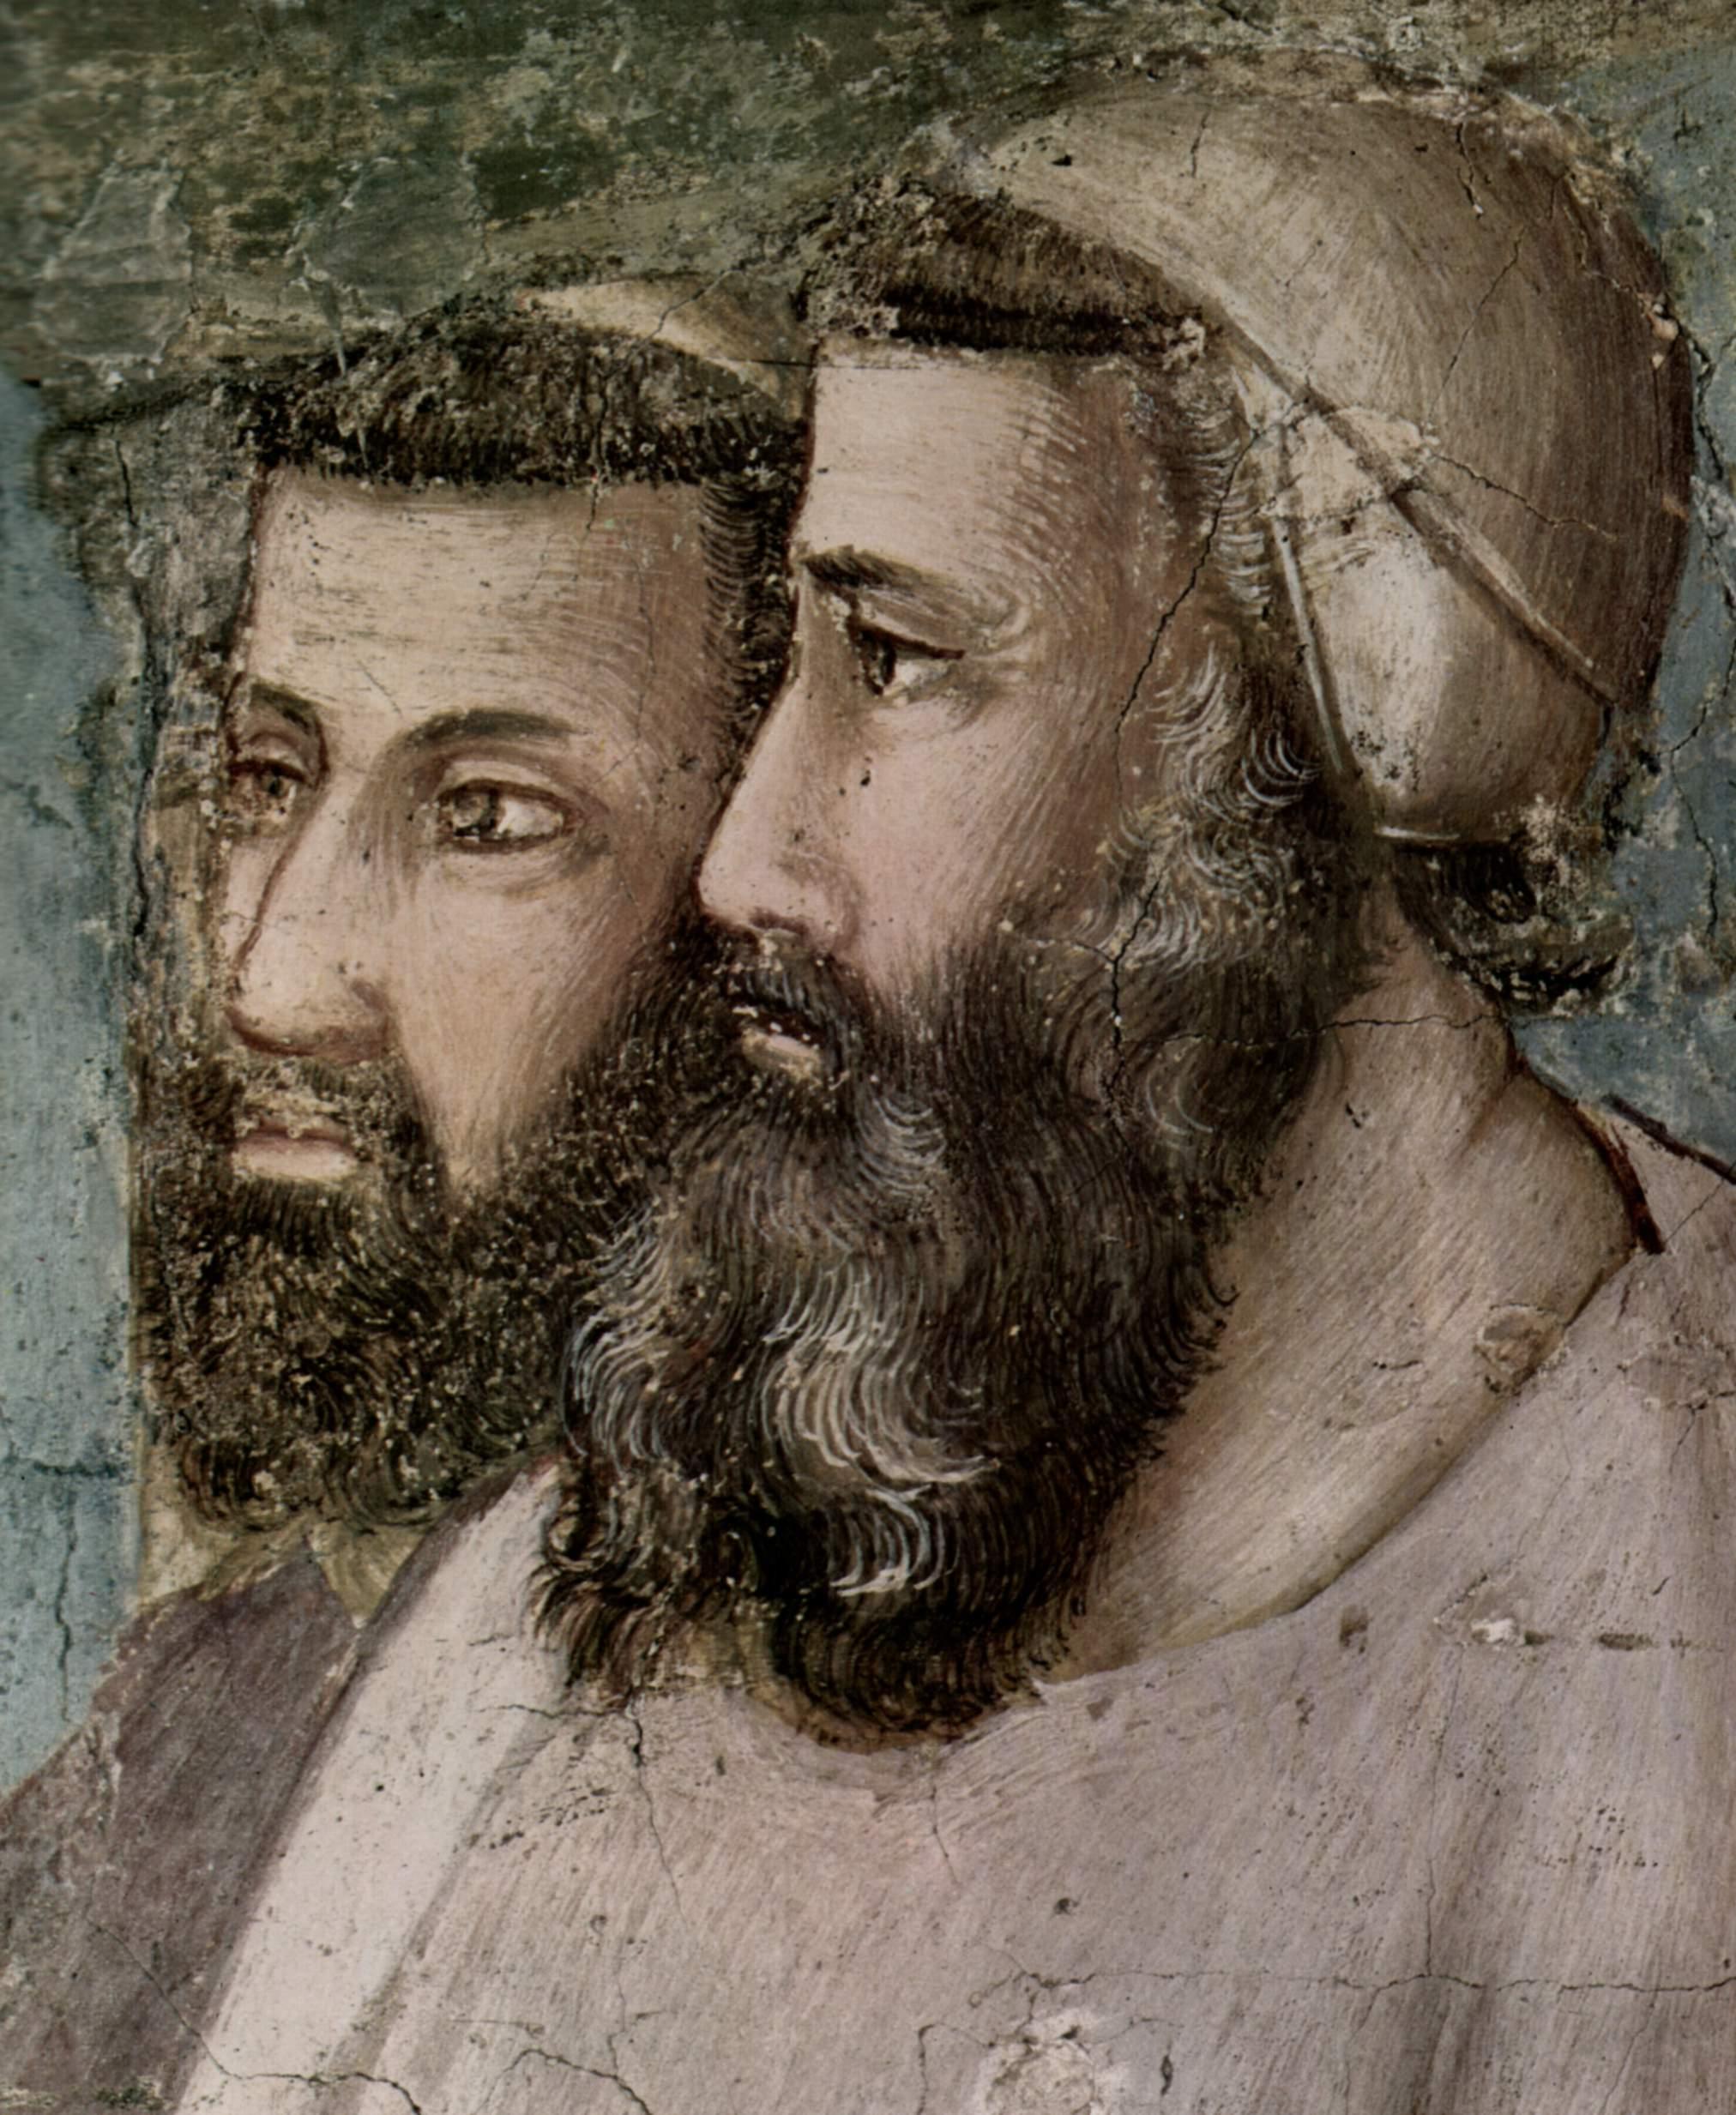 Цикл фресок из жизни св. Франциска, капелла Барди [05]. Санта Кроче во Флоренции. Подтверждение орде, Джотто ди Бондоне